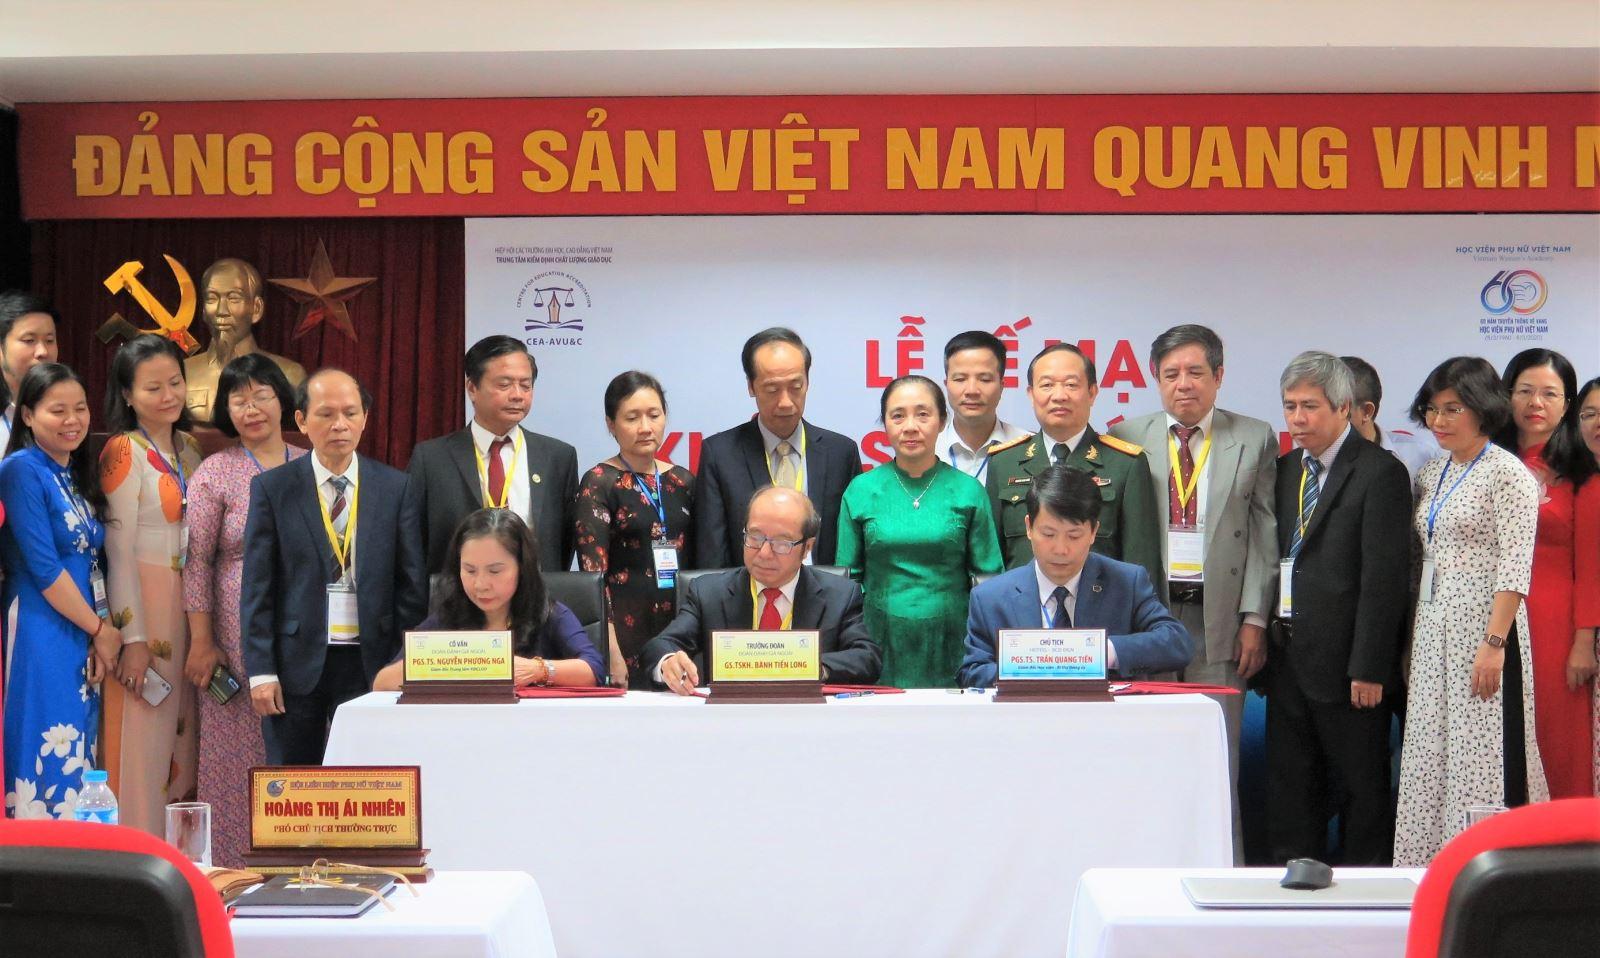 Bế mạc đợt khảo sát chính thức đánh giá chất lượng giáo dục Học viện Phụ nữ Việt Nam